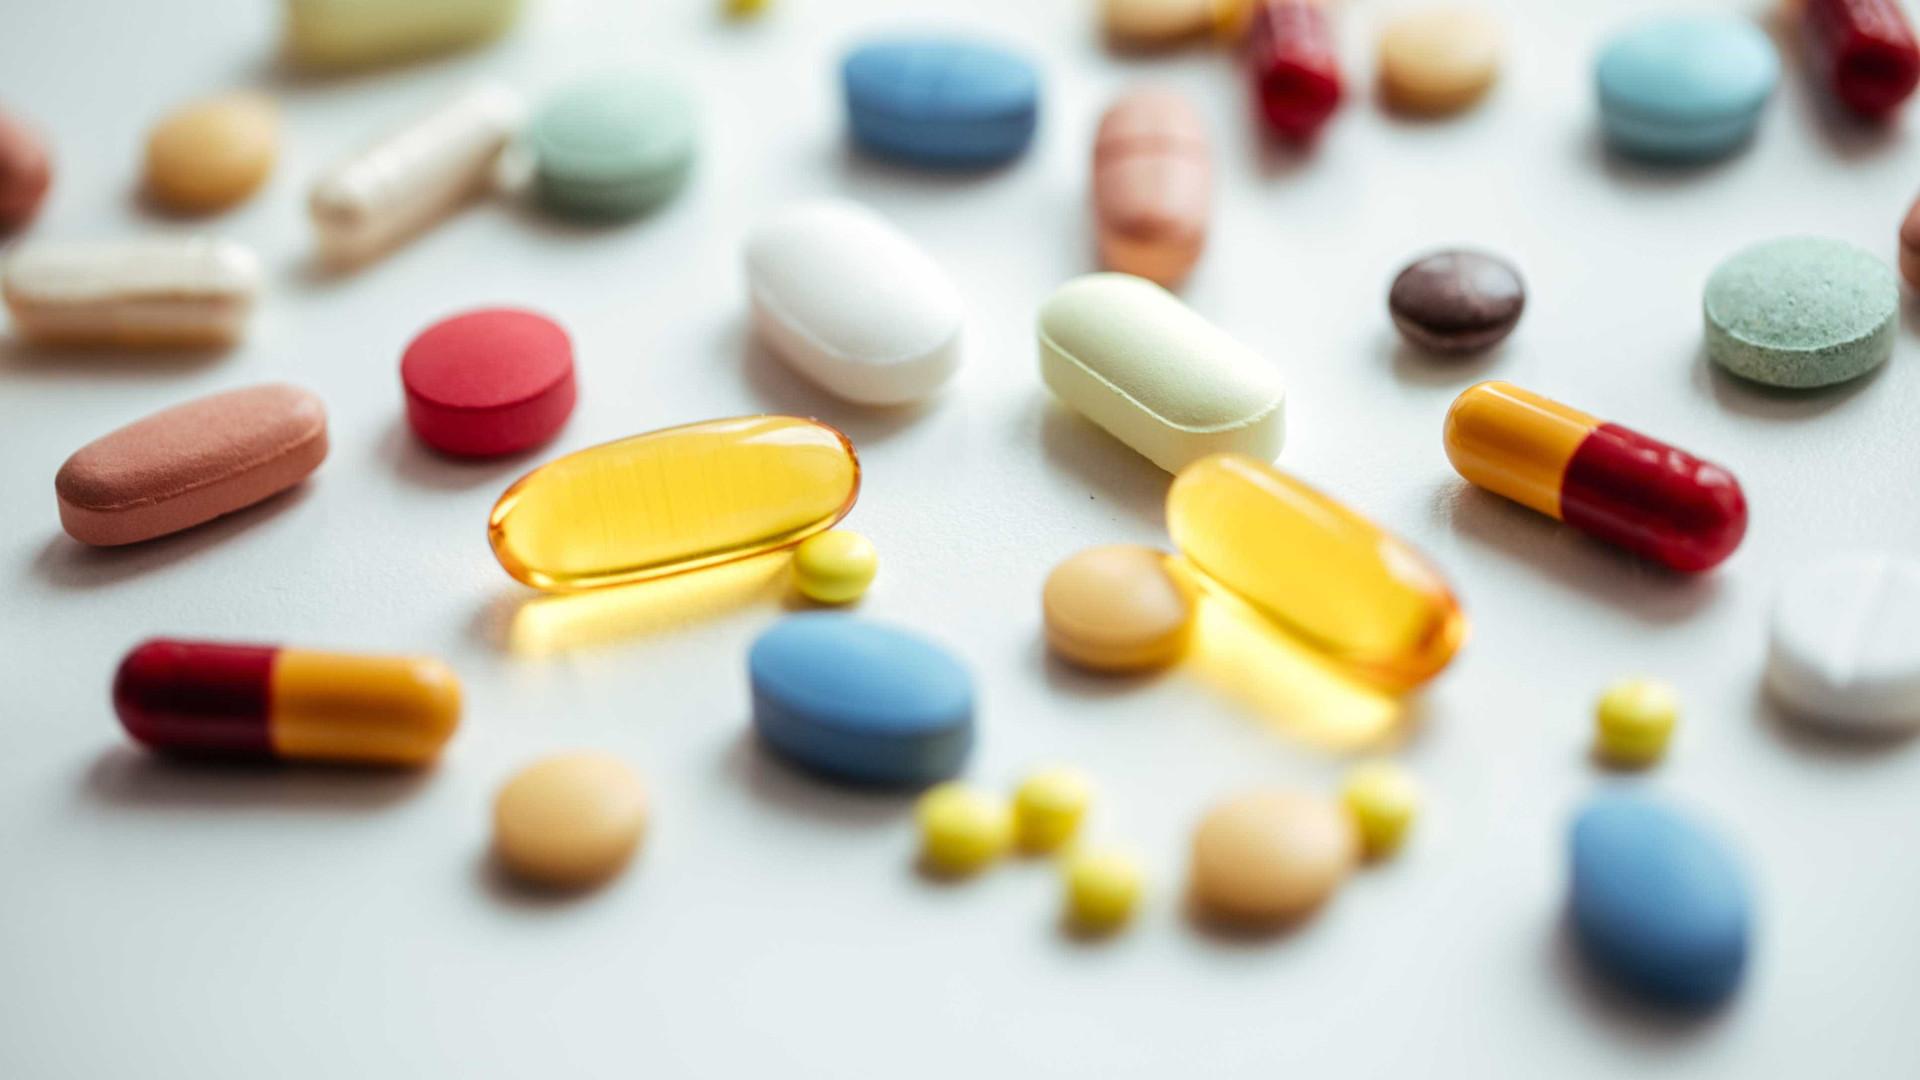 A eficácia destes medicamentos depende da hora a que são tomados